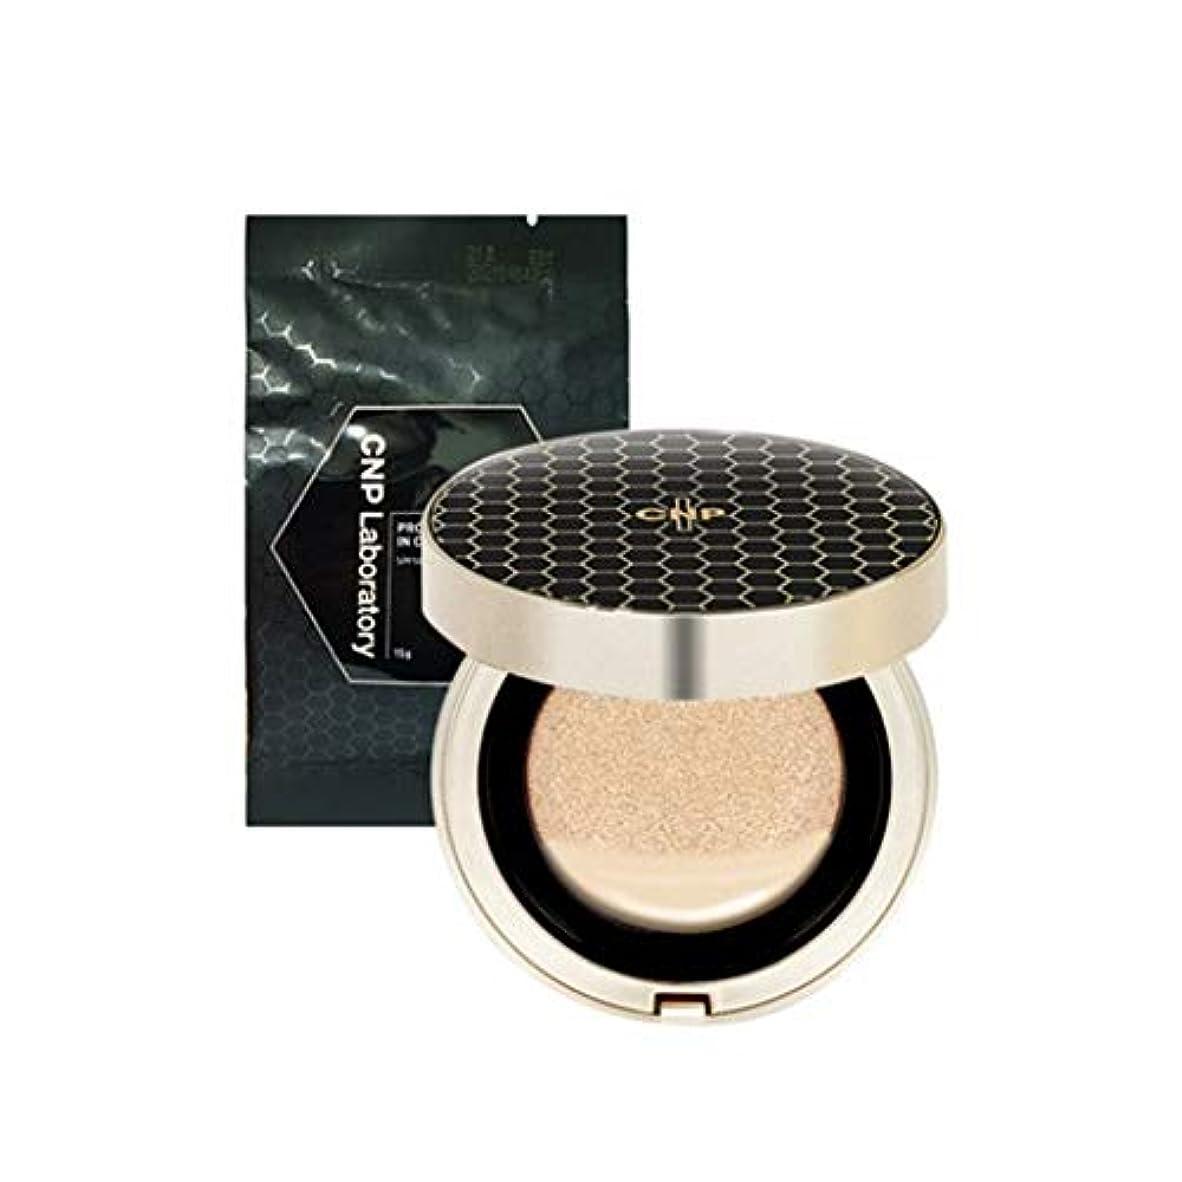 フレットストロークスケッチCNP プロポリスアンプル?イン?クッション本品+リフィルセット韓国コスメ、CNP Propolis Ampule in Cushion+ Refill Set Korean Cosmetics [並行輸入品] (No....